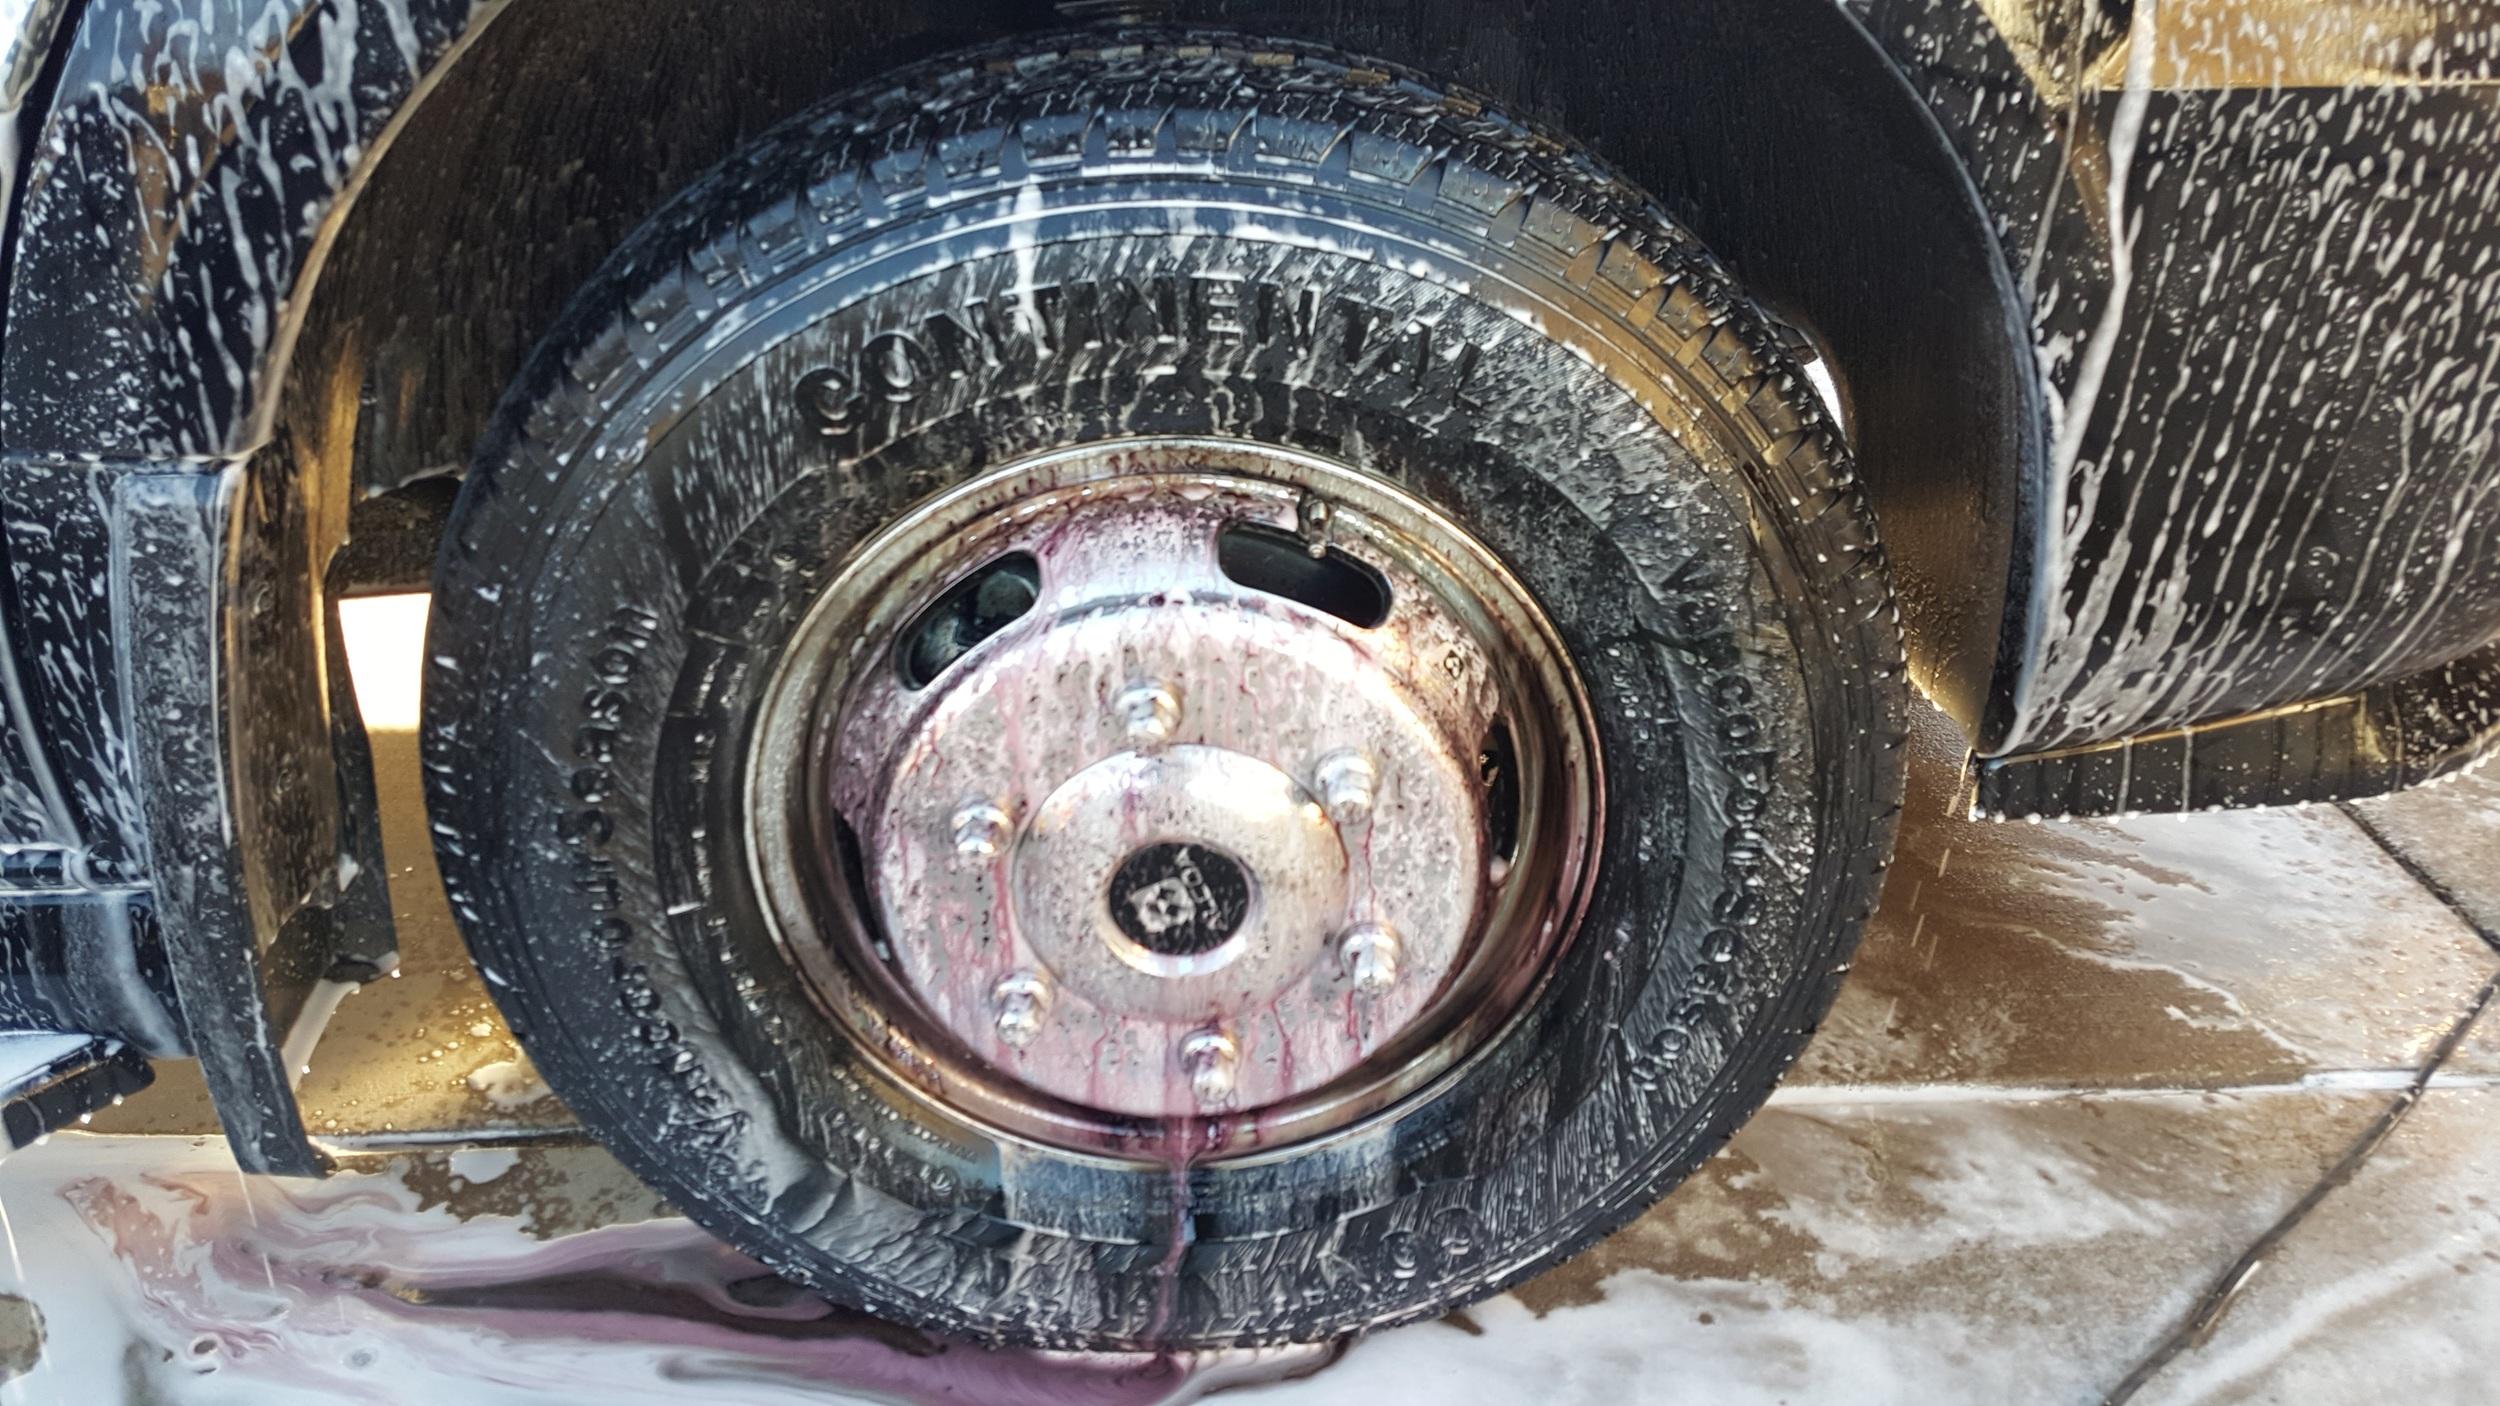 Wheels all Sonax'd